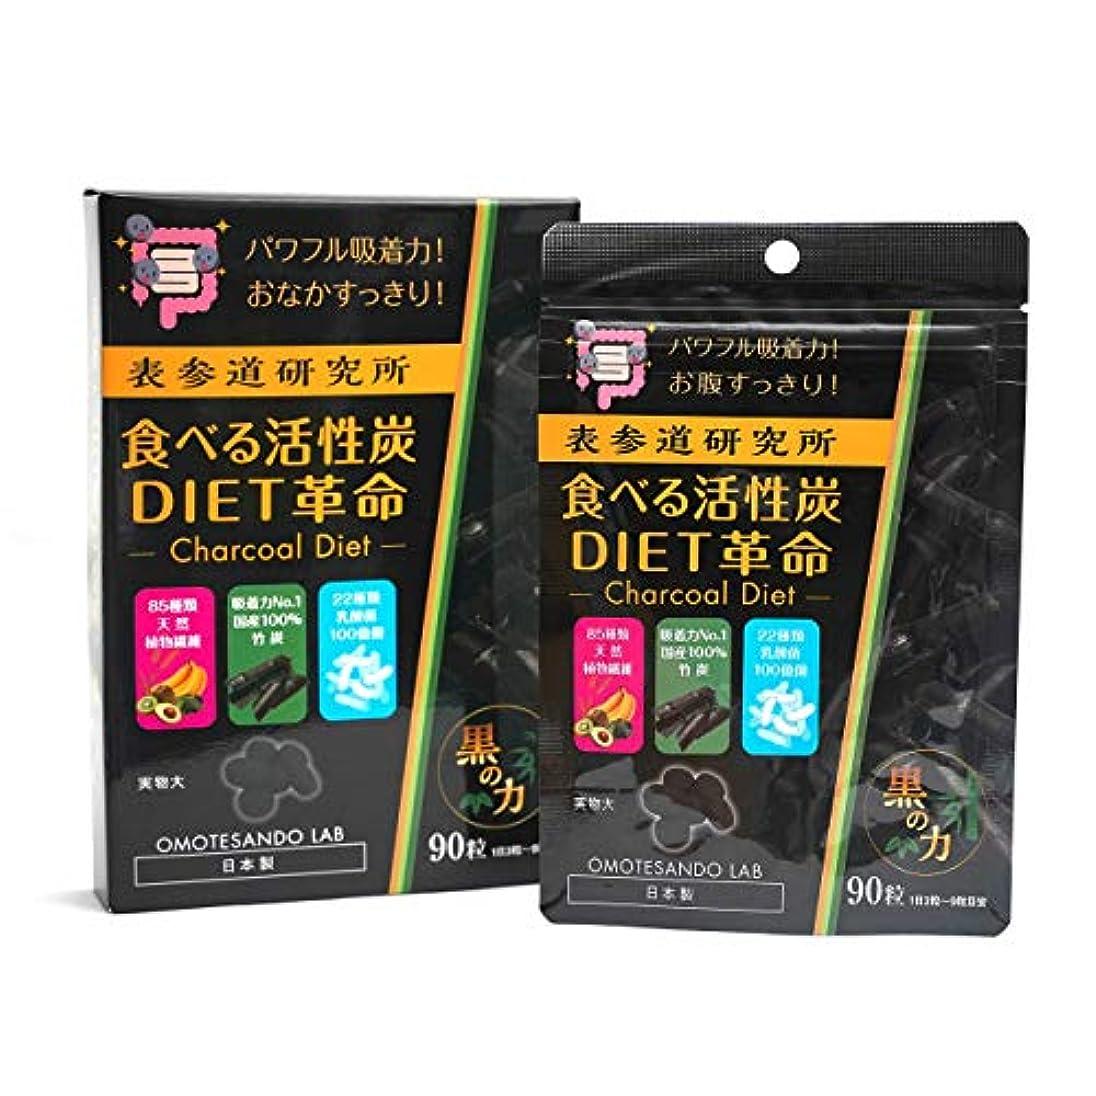 シャーク星ルアー表参道研究所 食べる活性炭DIET革命 2個セット